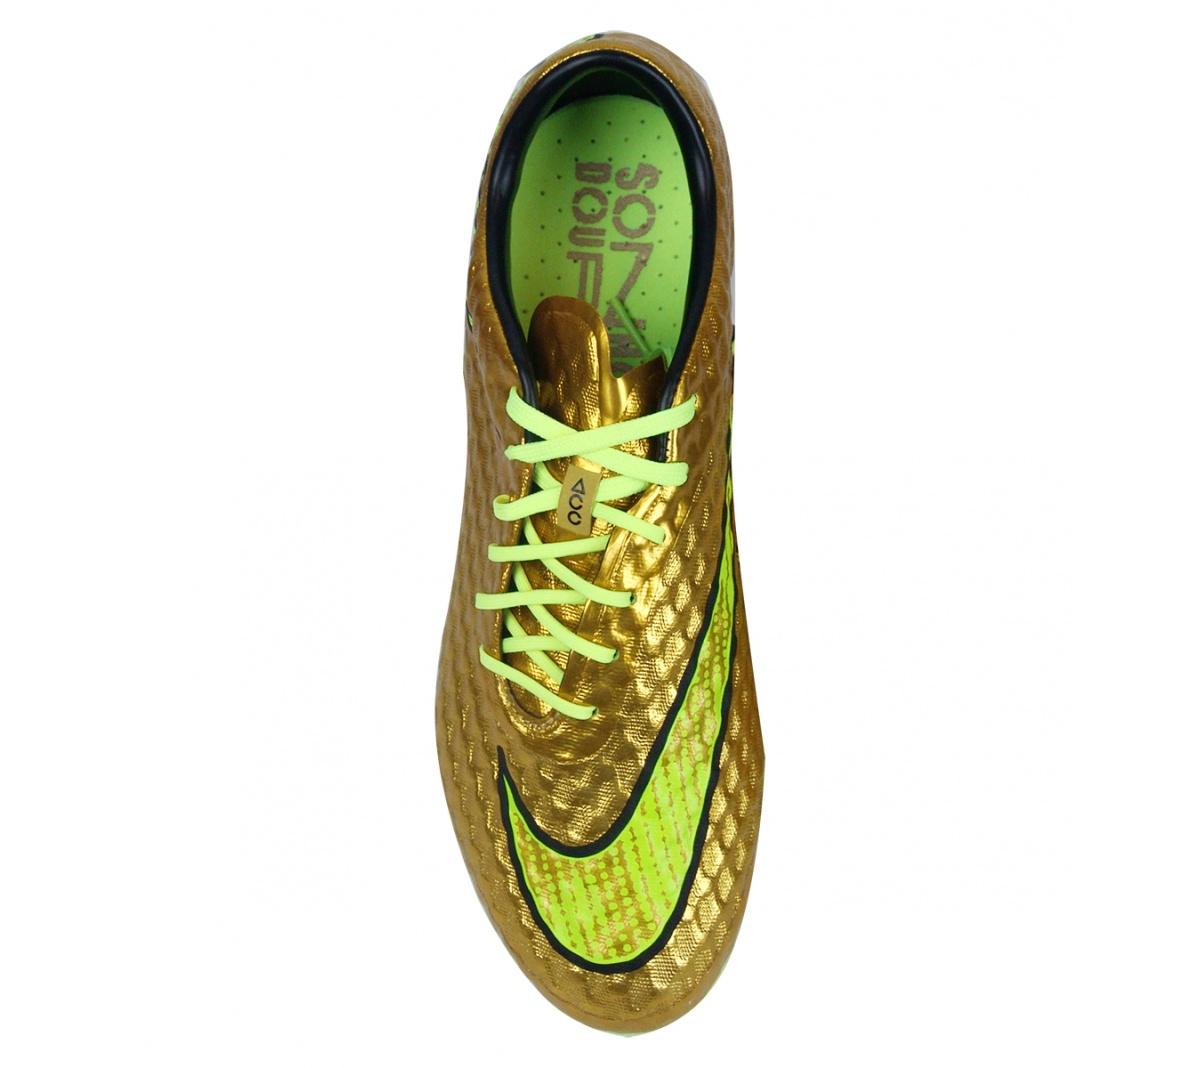 Chuteira Nike Hypervenom Phantom Dourada Campo - Mundo do Futebol 19abca8a134f7